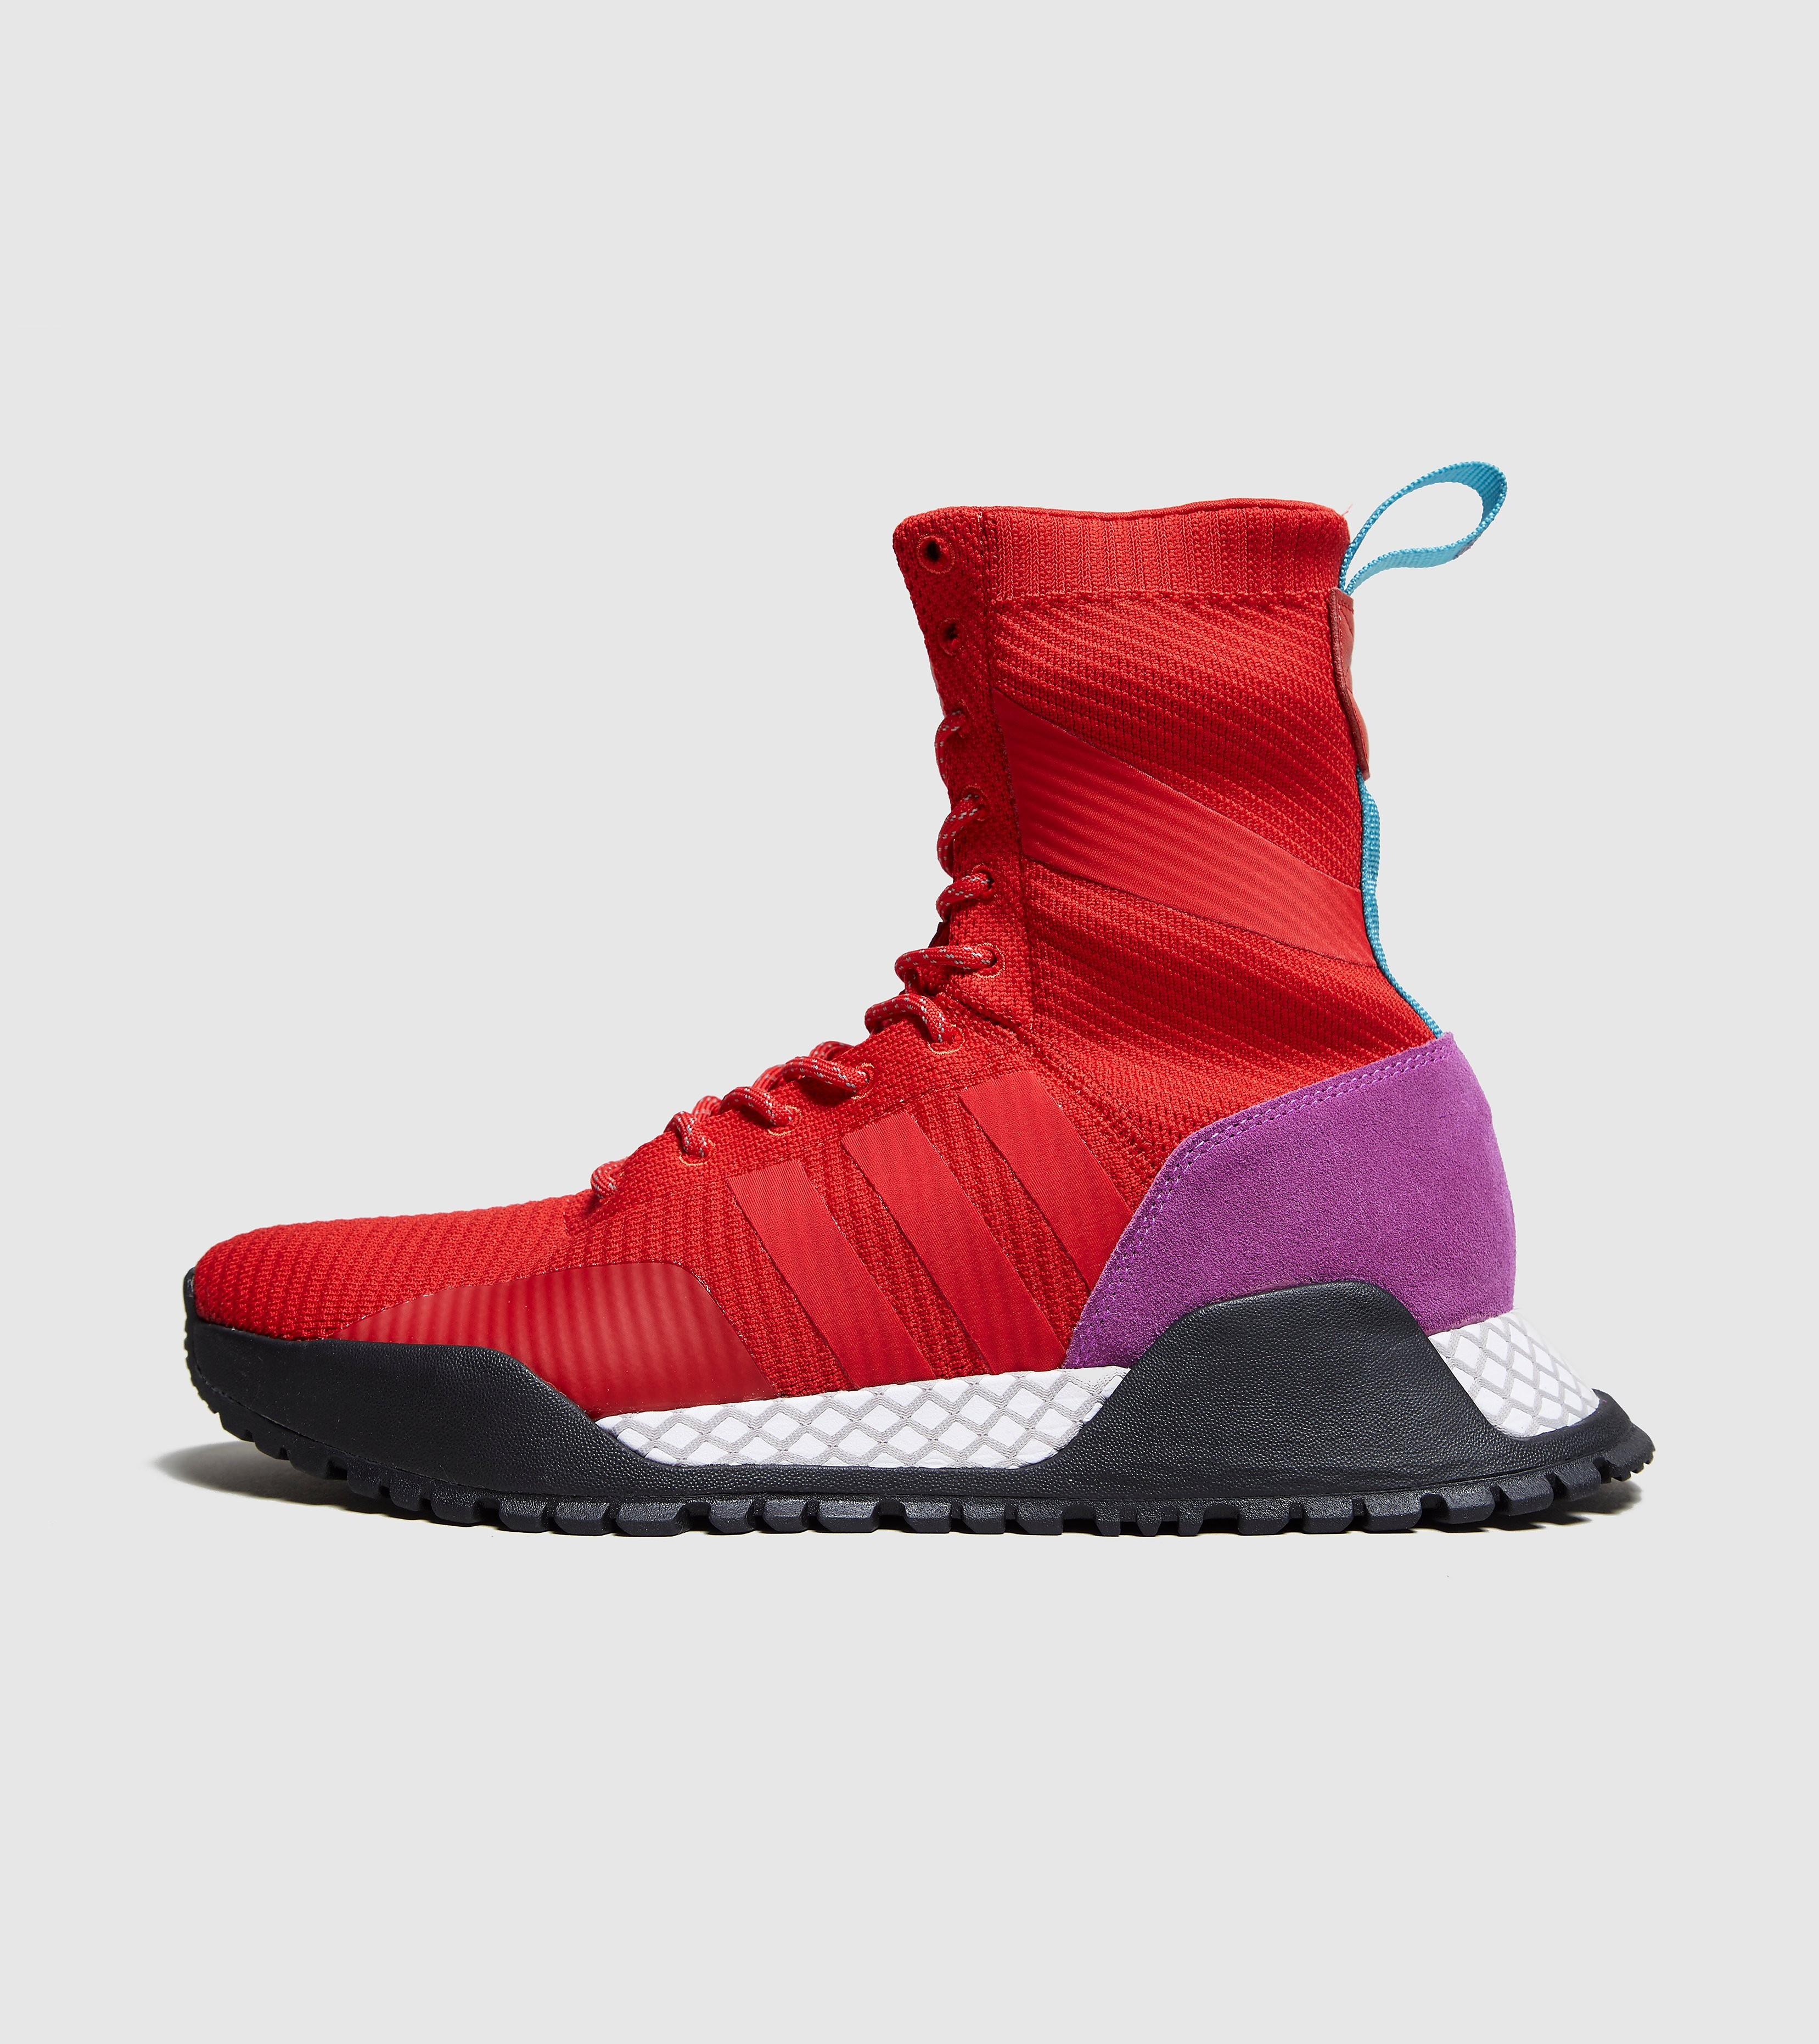 adidas Originals A.F 1.3 Primeknit Boot, rojo/negro